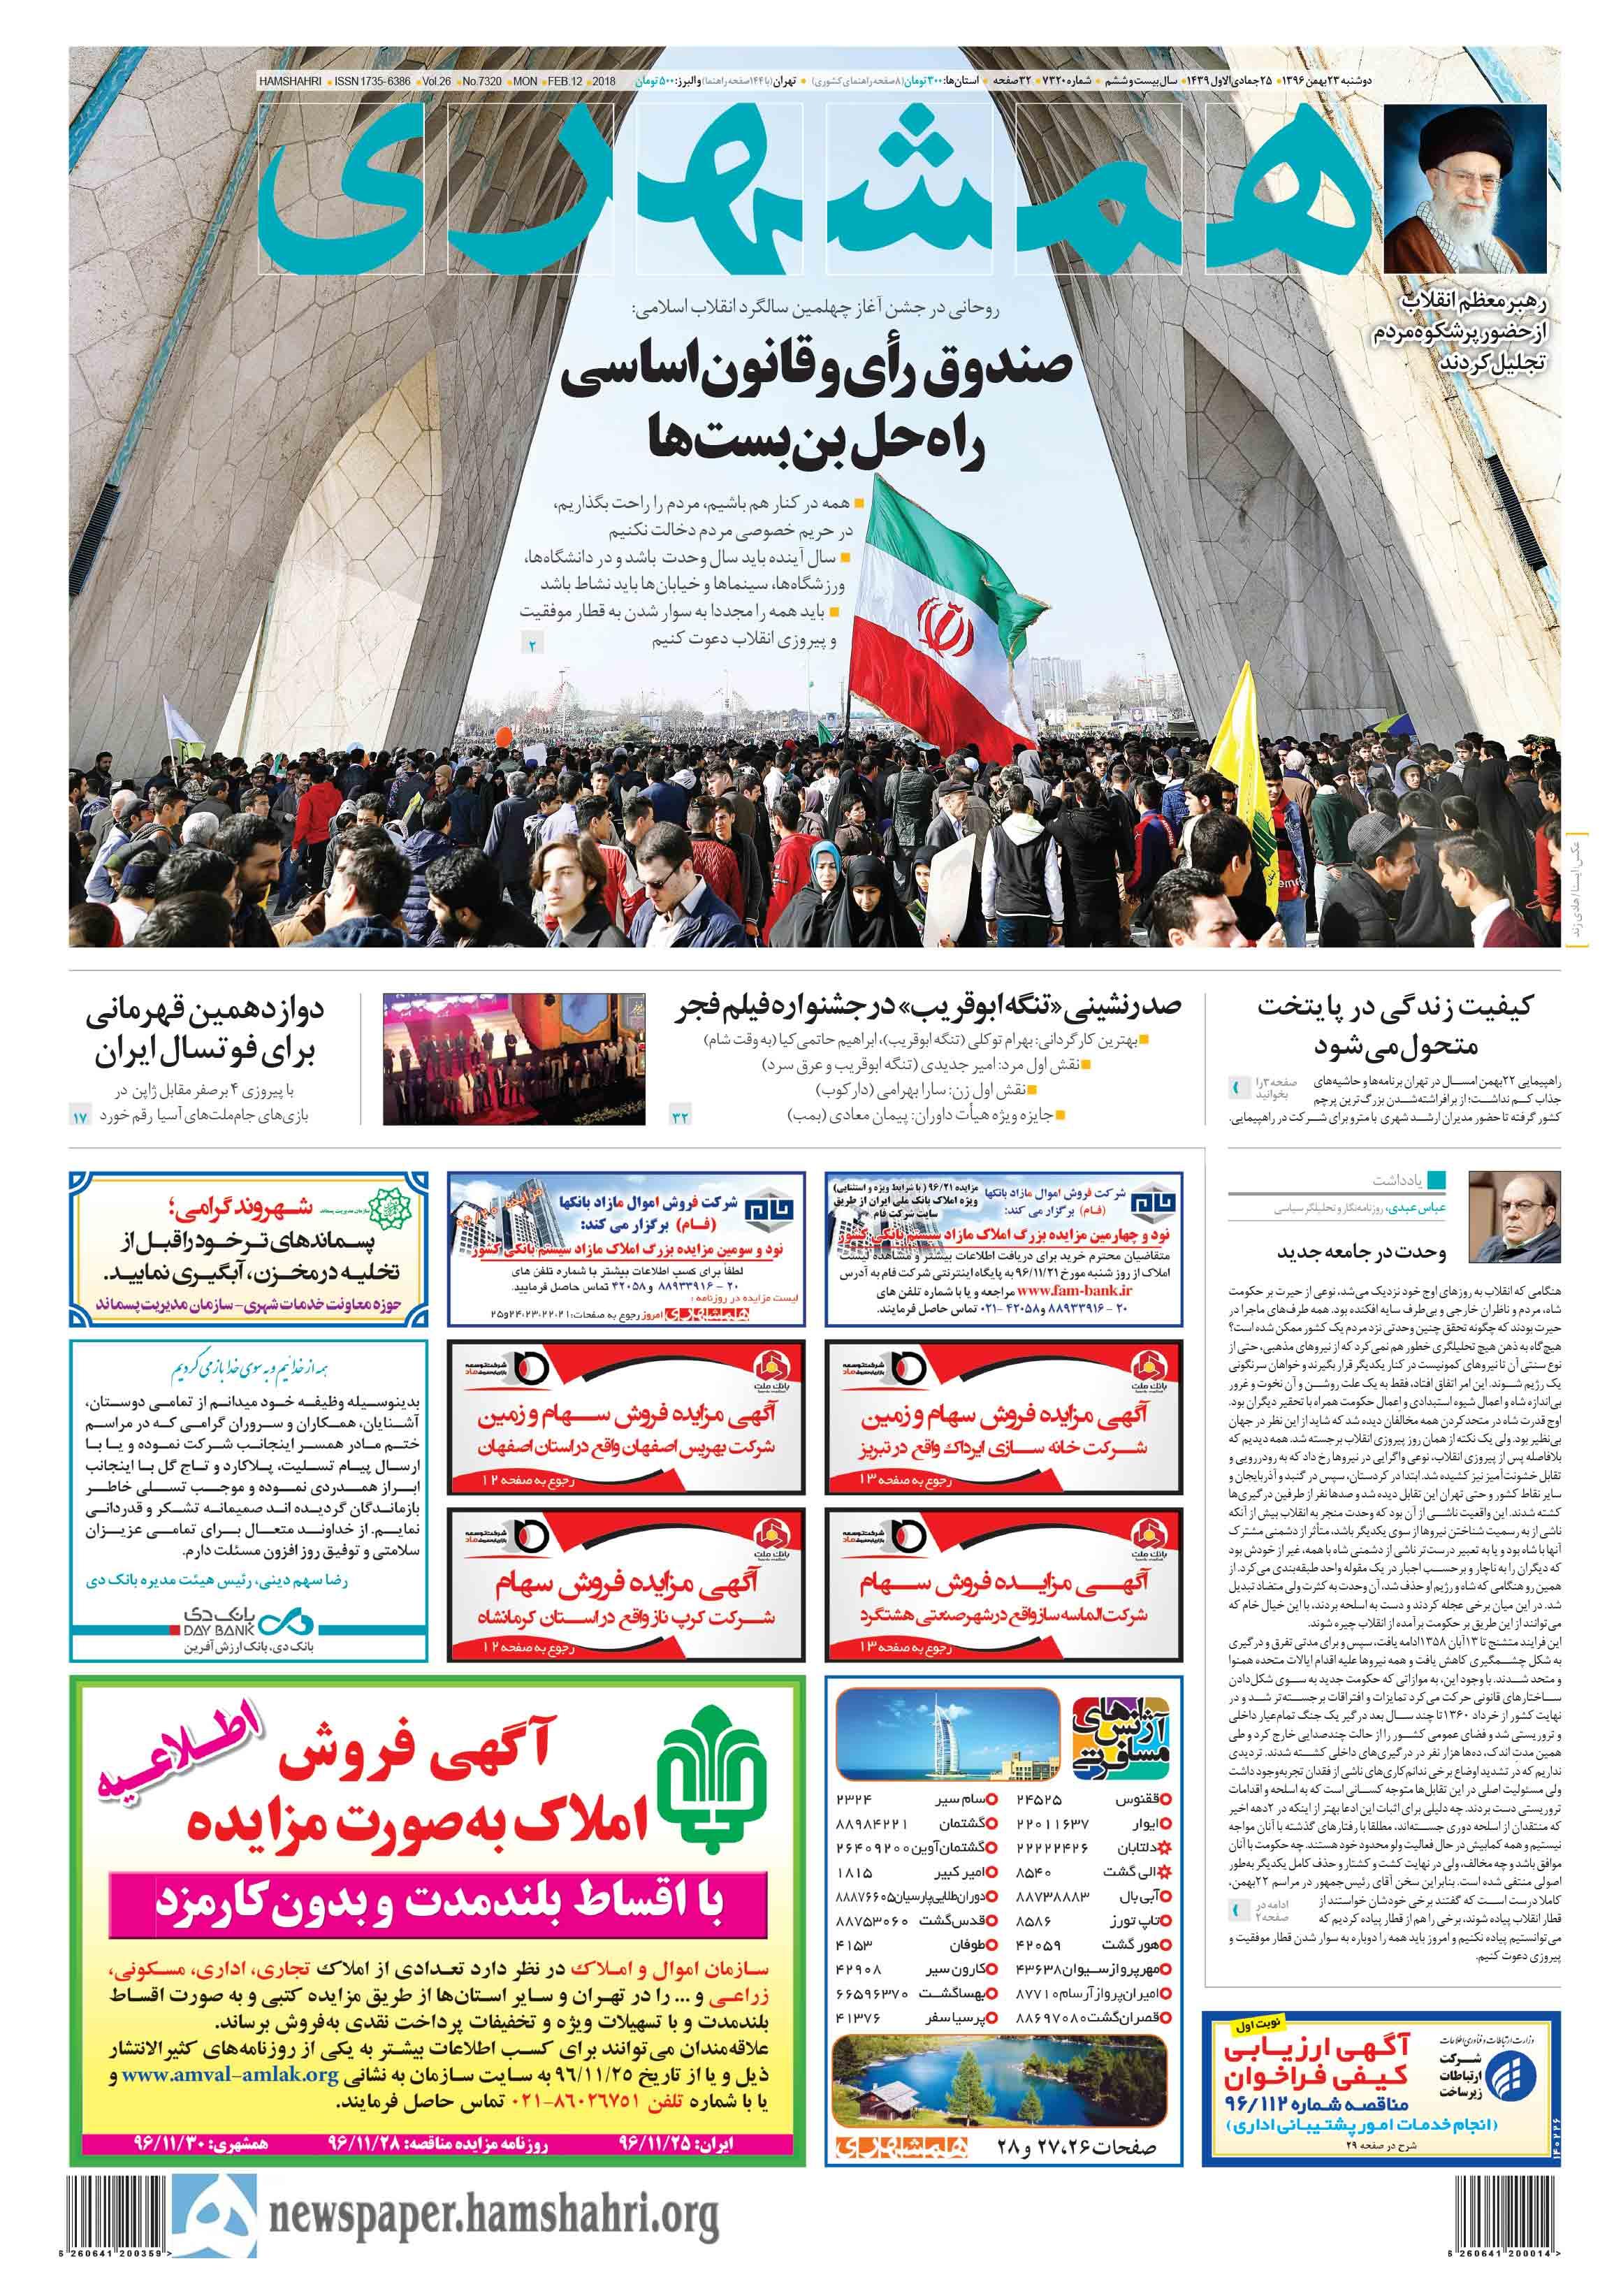 صفحه اول دوشنبه 23 بهمنماه 1396